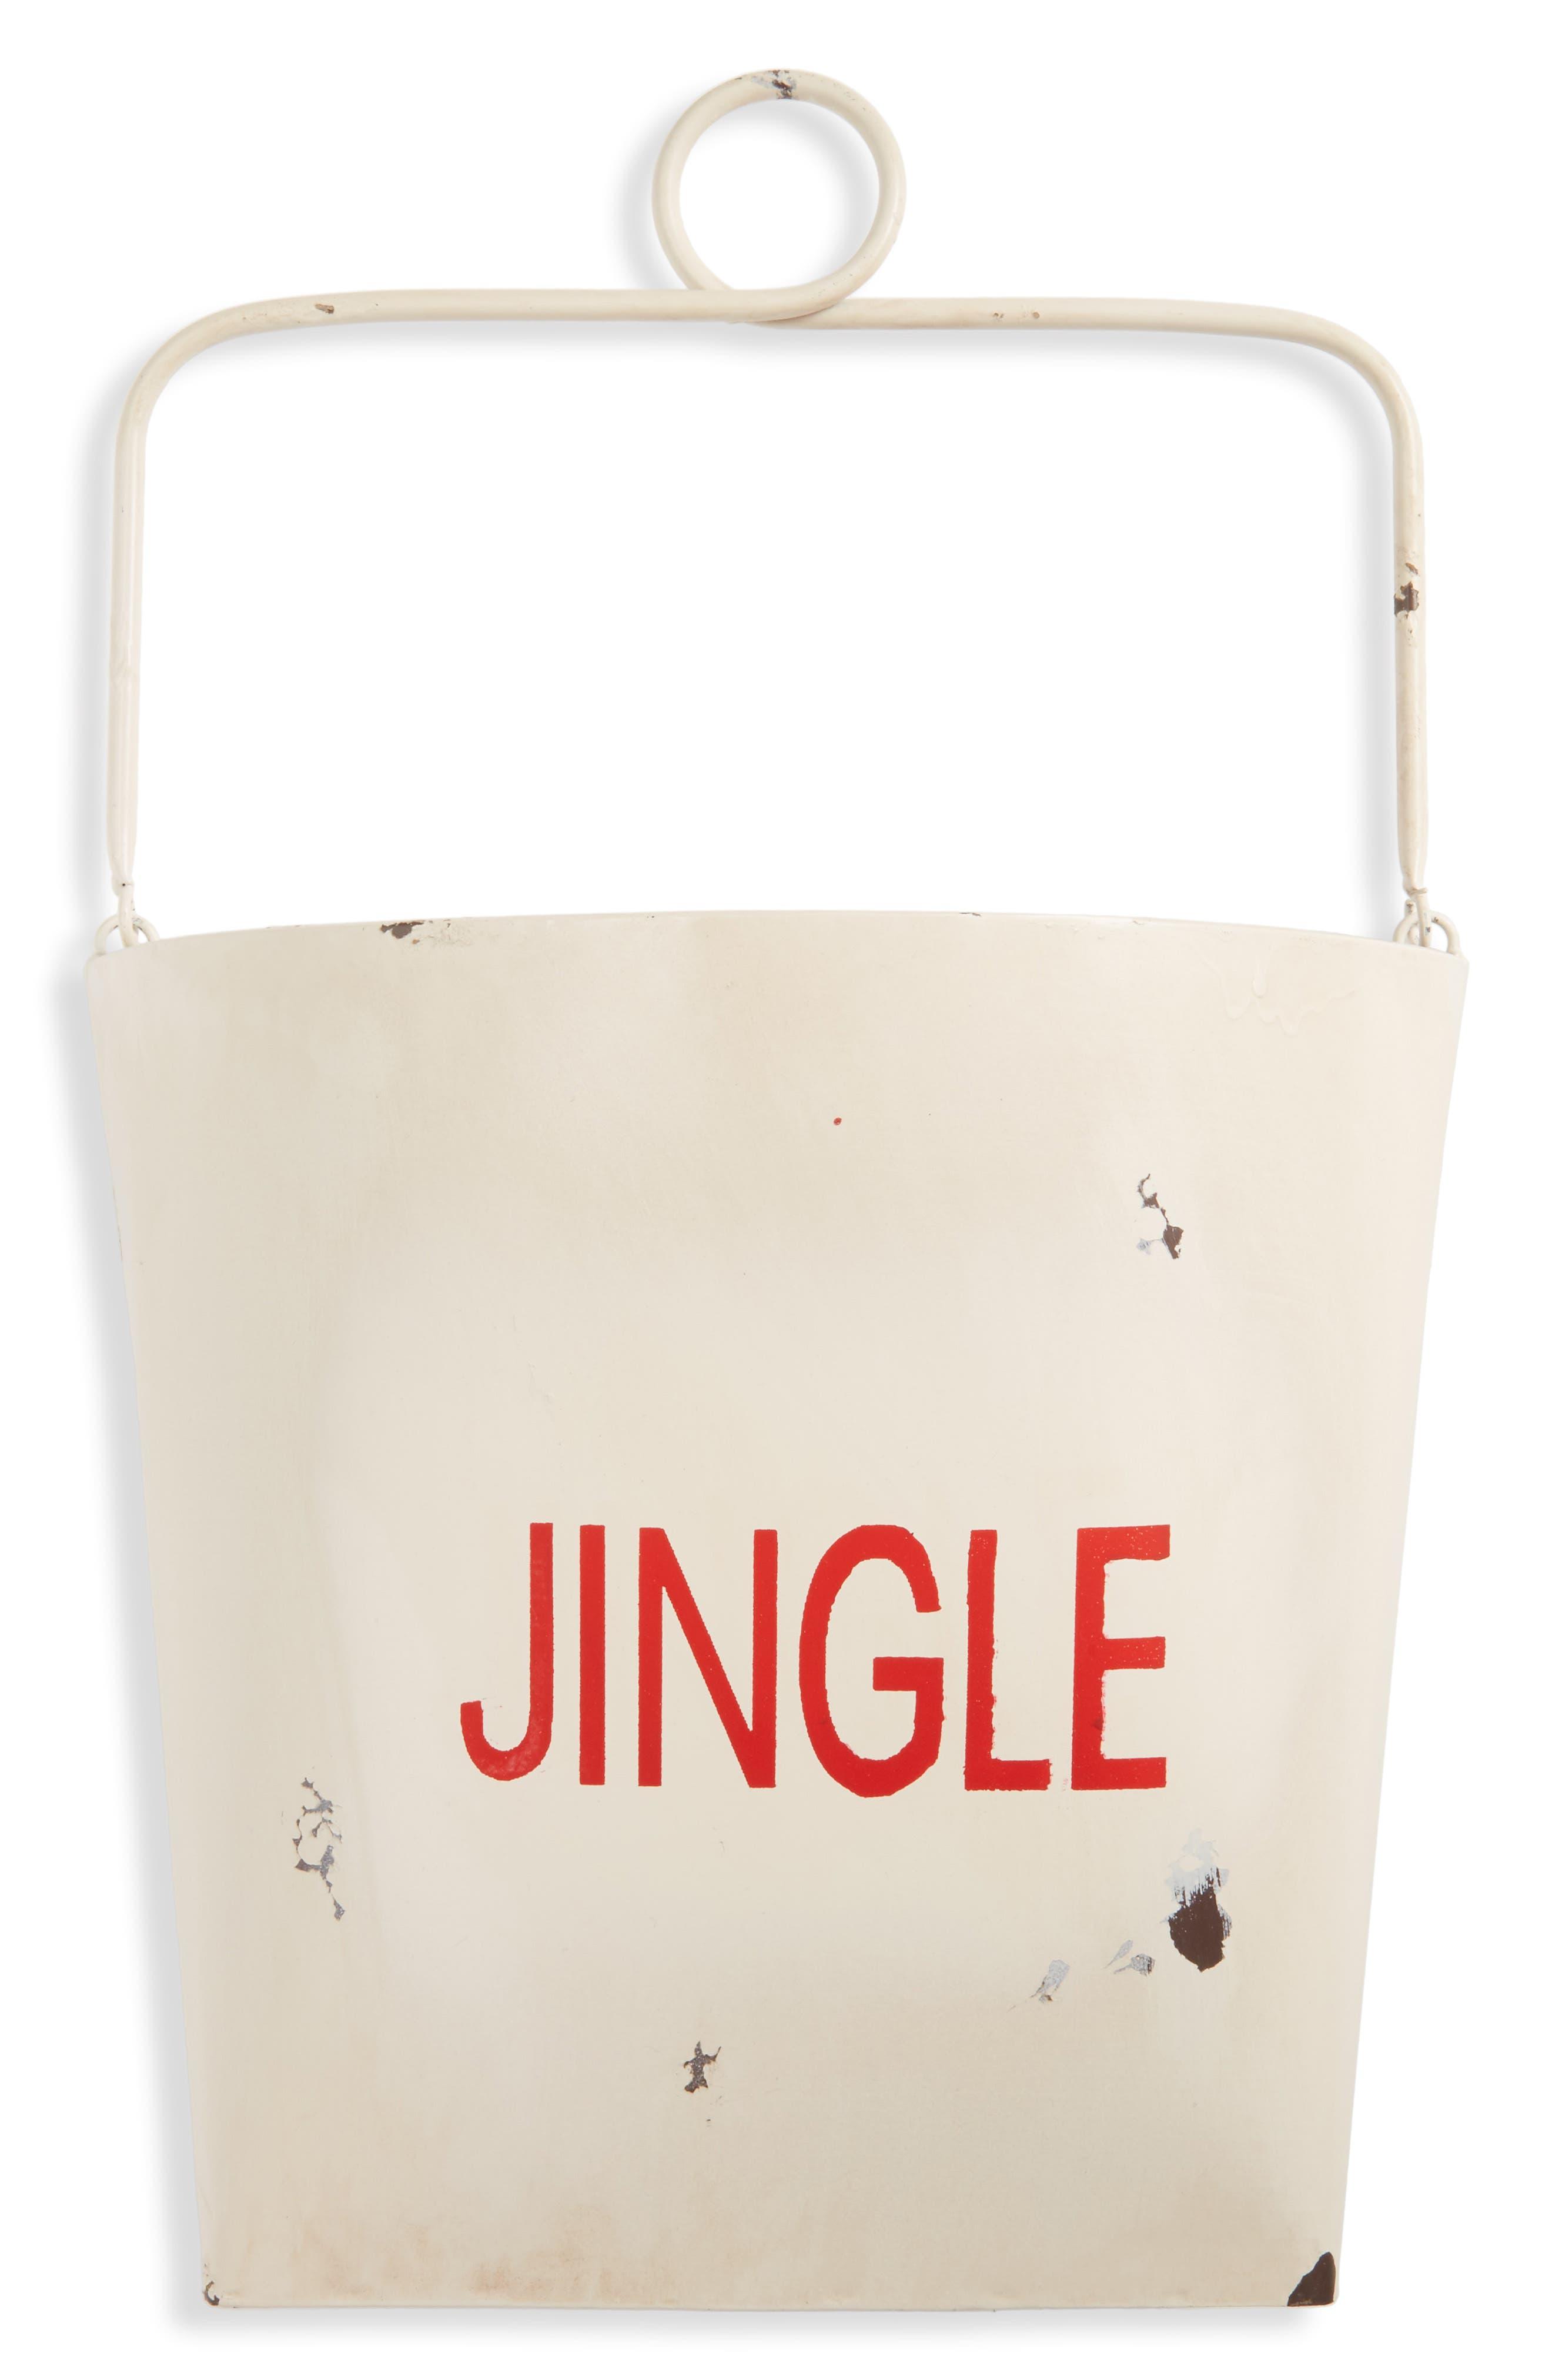 Jingle Bucket,                             Main thumbnail 1, color,                             100